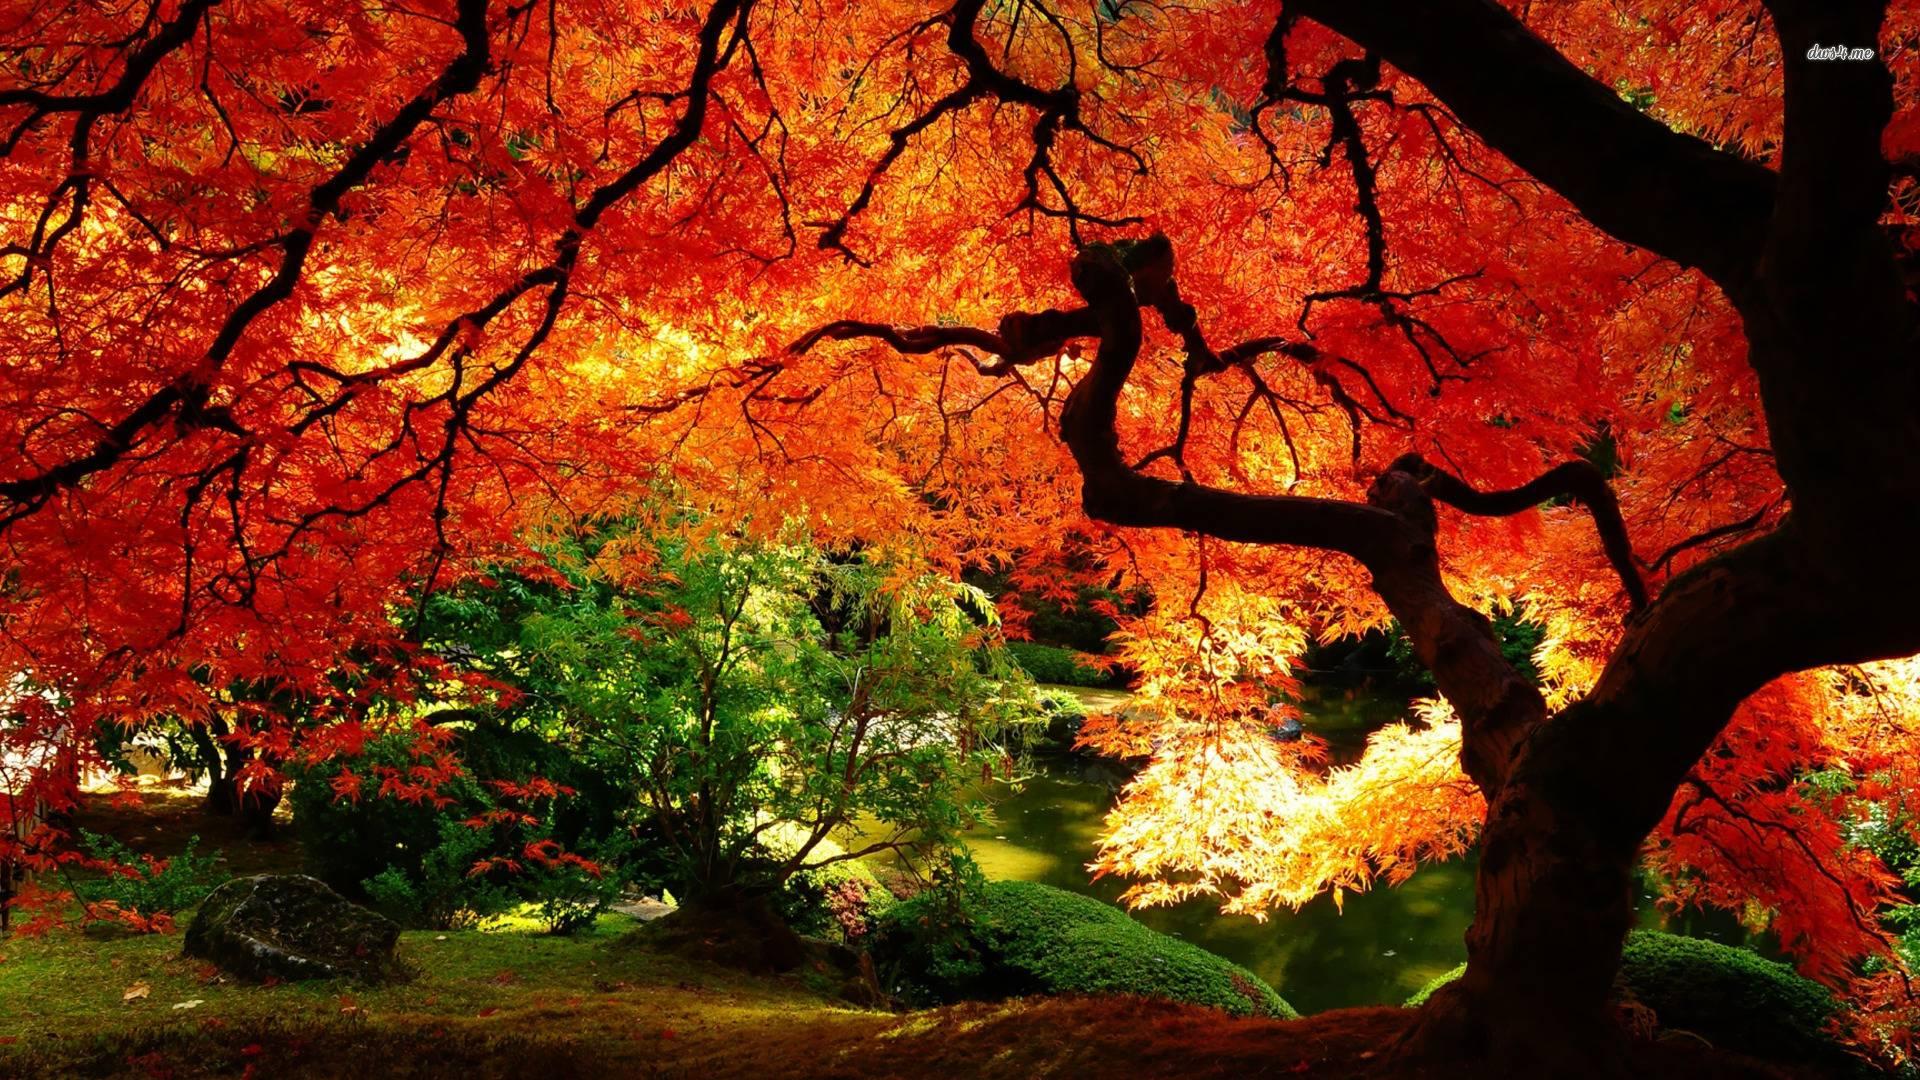 Autumn Landscape Wallpapers 1920x1080